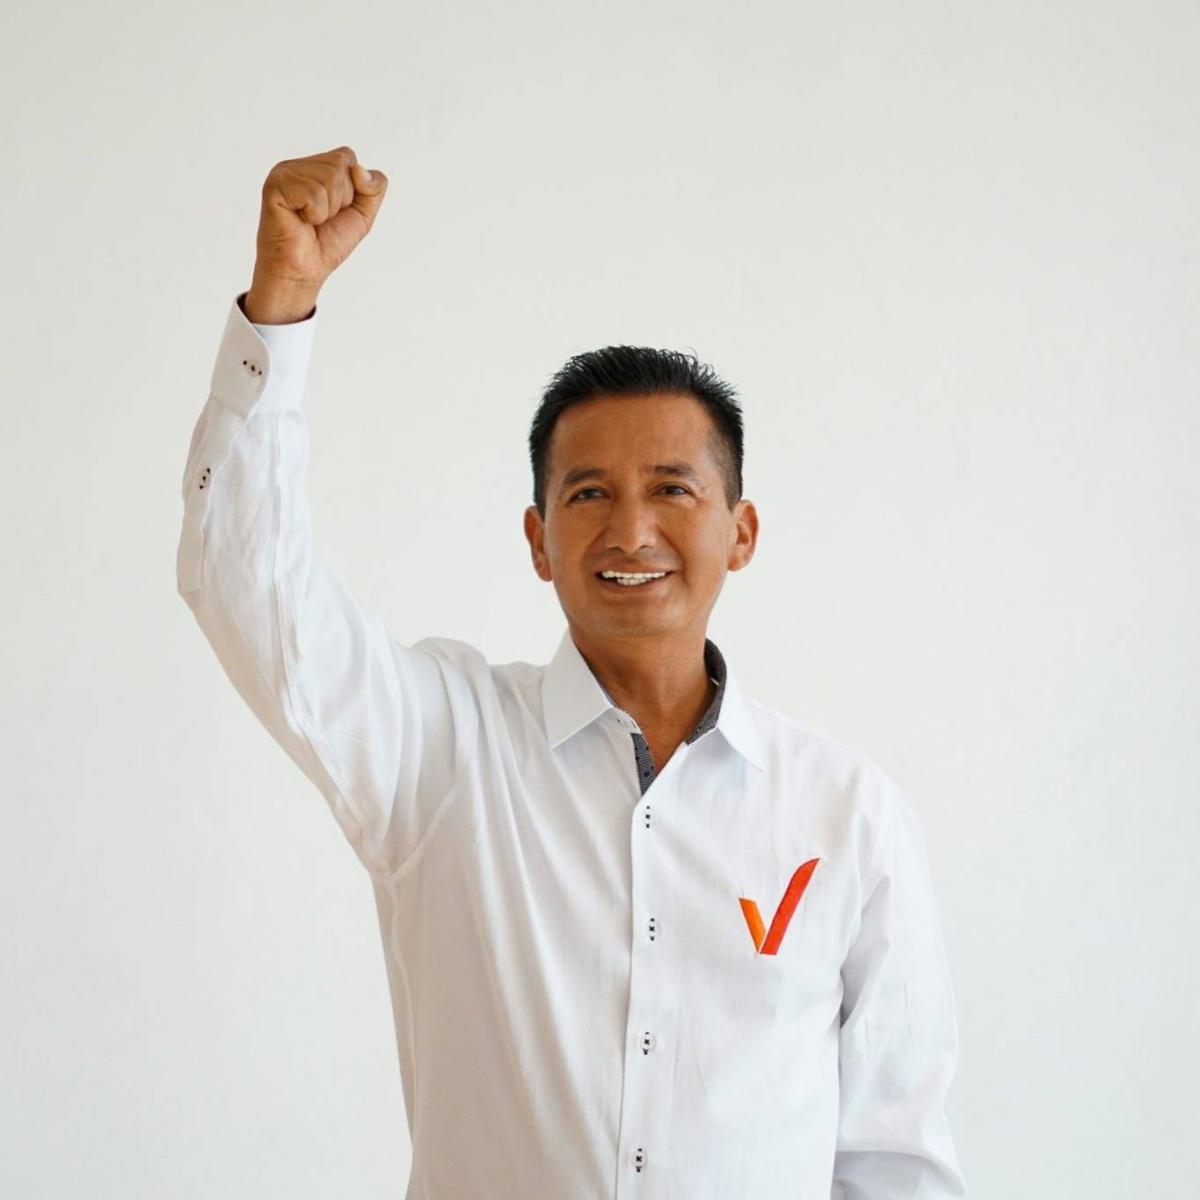 Vicente Charrez